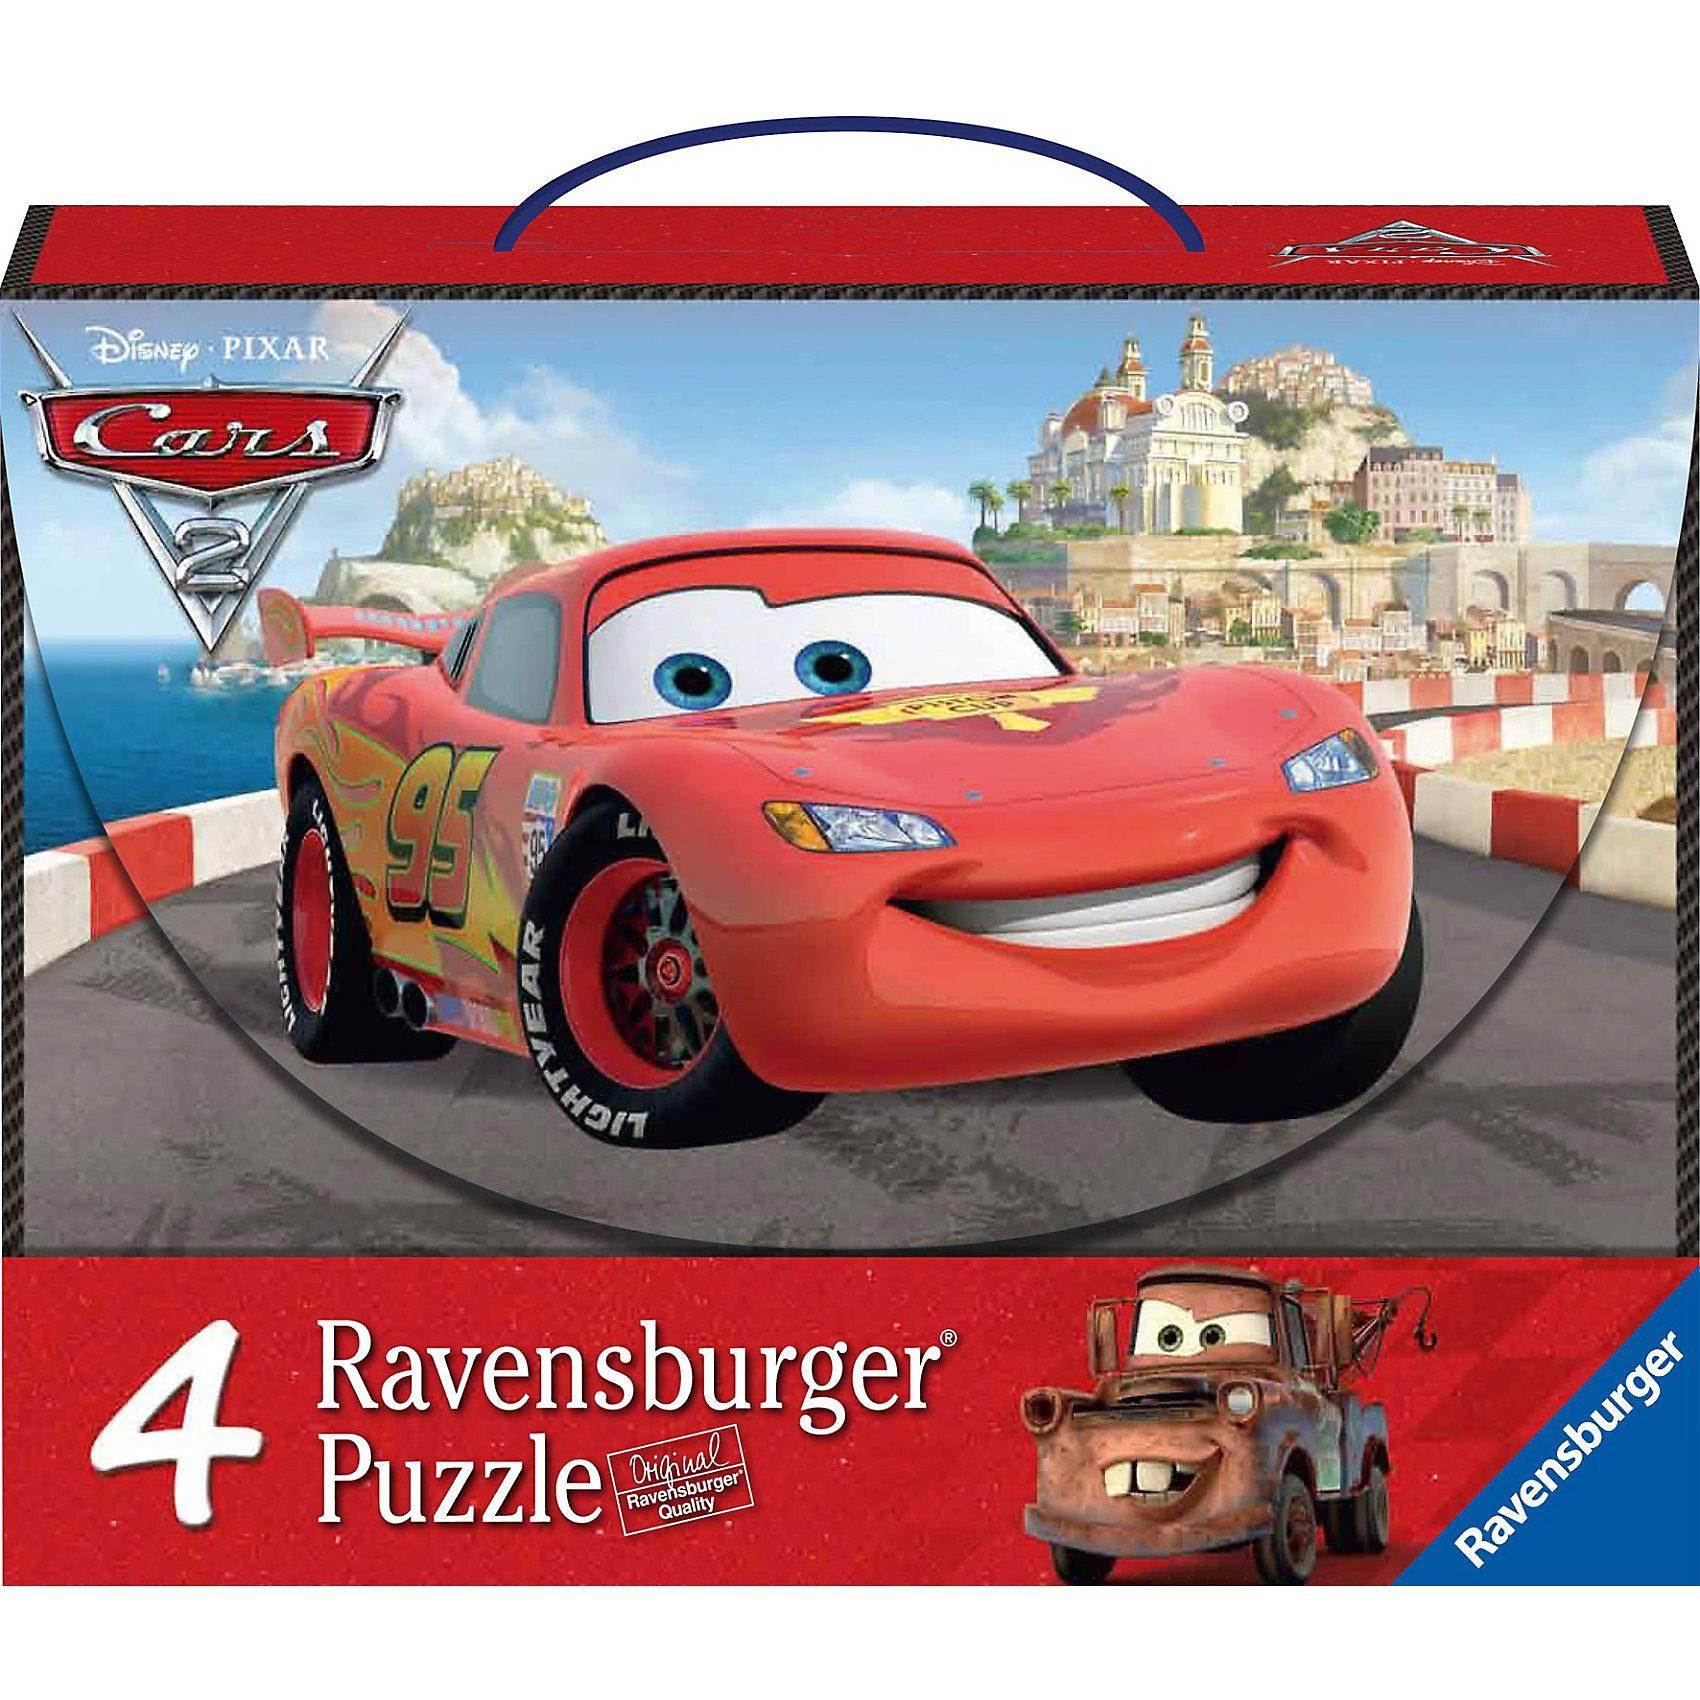 Ravensburger Puzzlekoffer Abenteuer mit Cars - 2x64/2x81 Teile